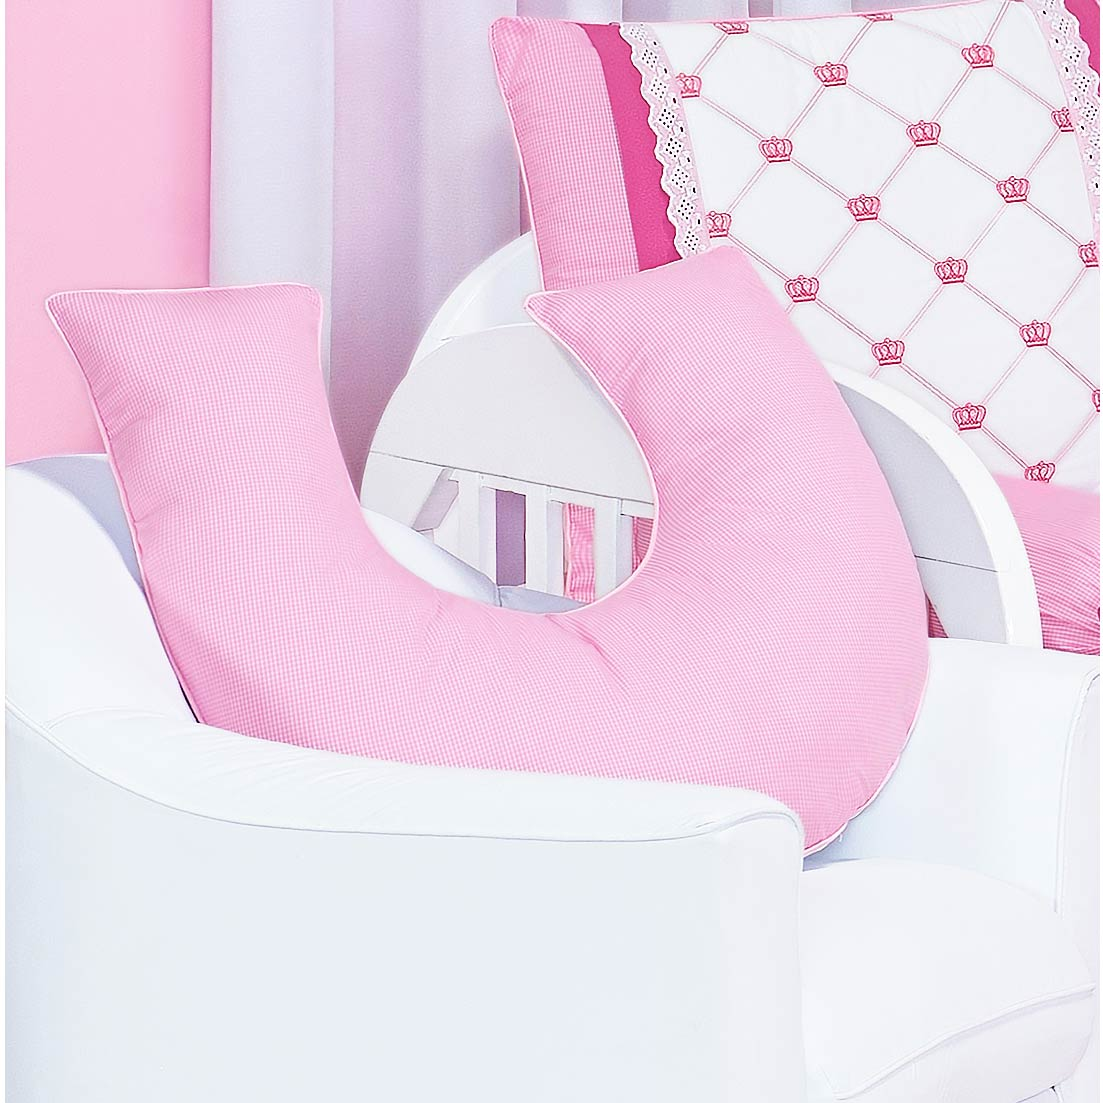 Coleção Completa para Quarto de Bebê Classic Rosa - 24 Peças